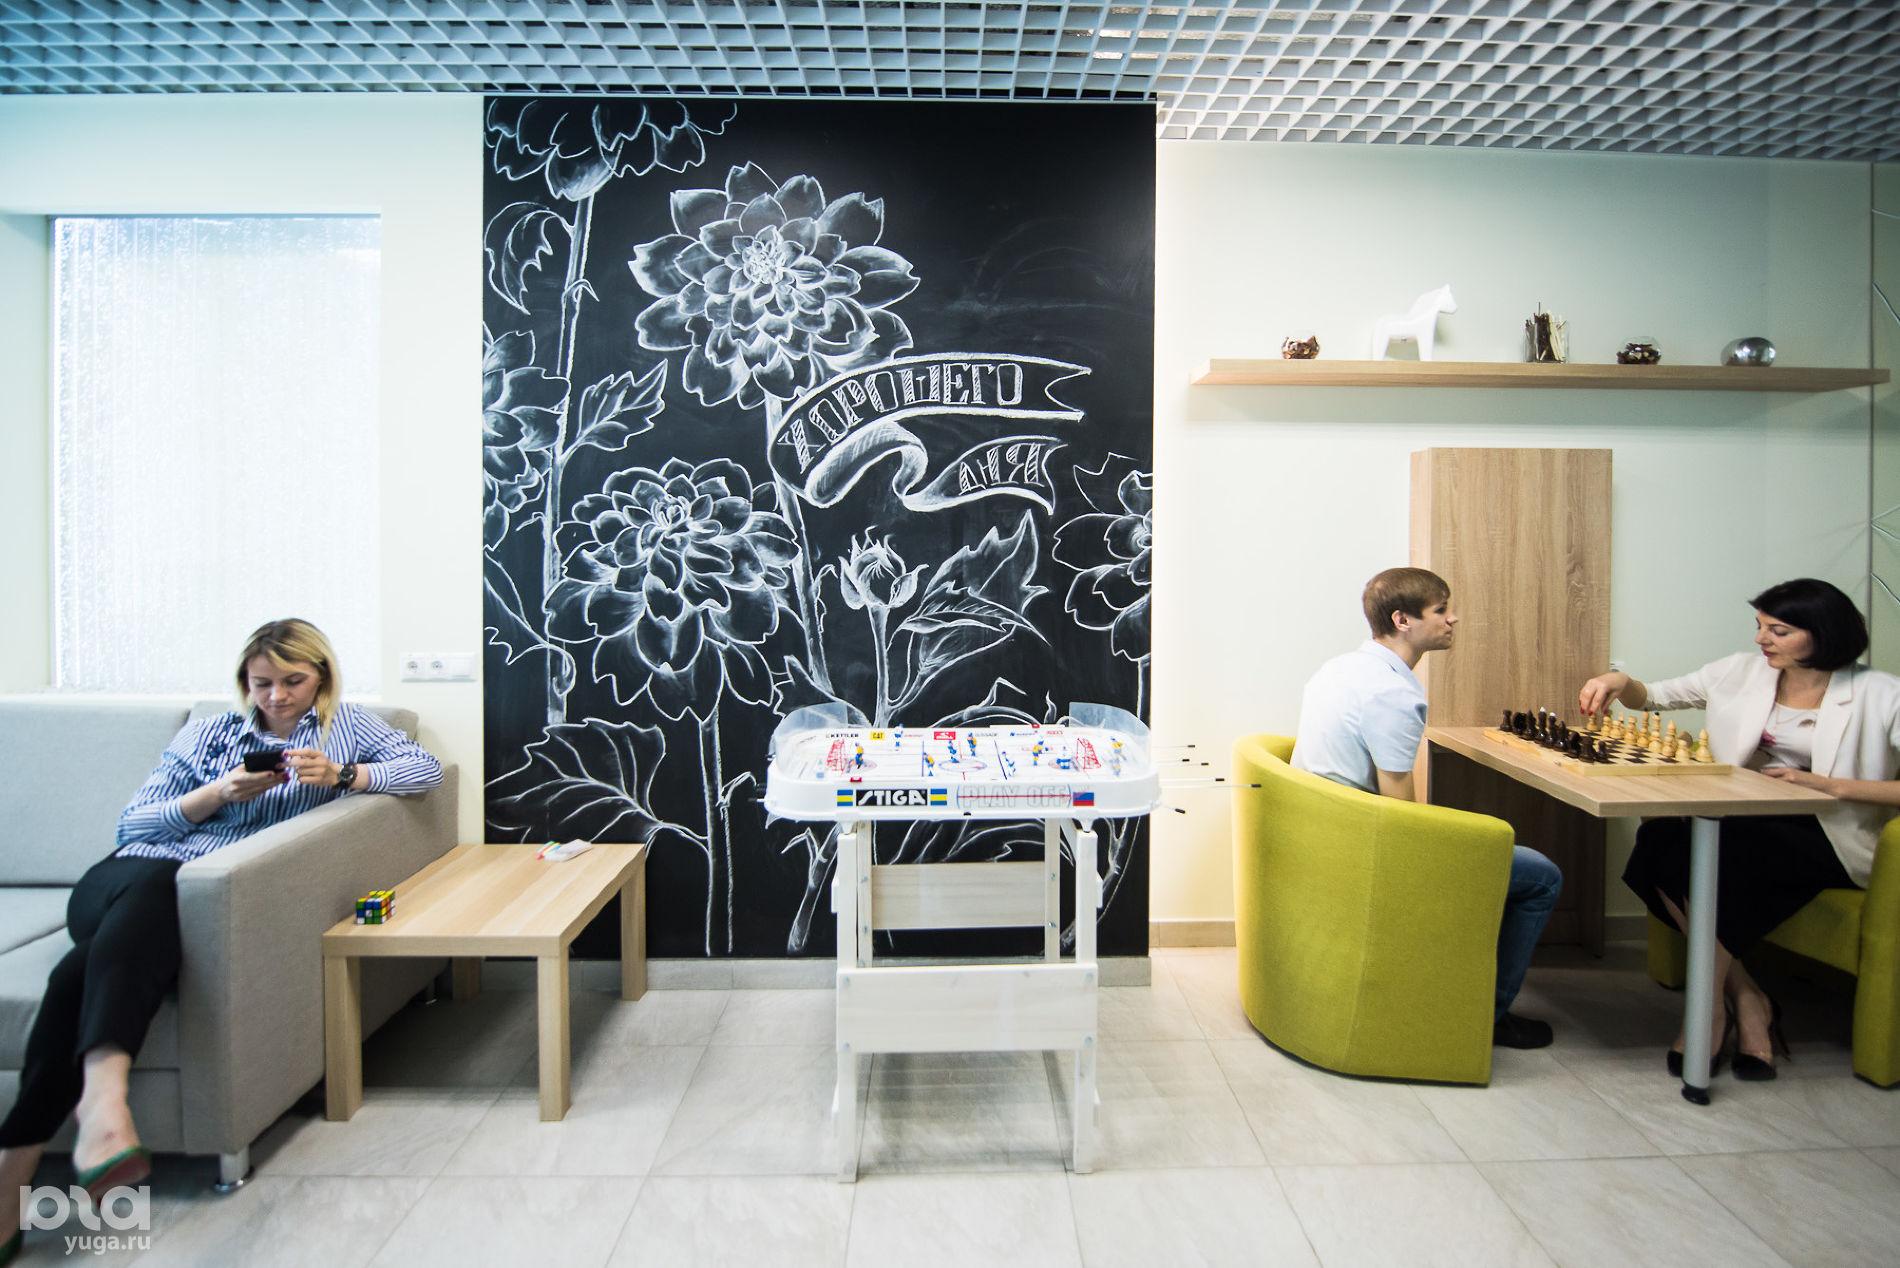 Головной офис компании «Магнит». Friendly Office: комнаты отдыха ©Фото Елены Синеок, Юга.ру